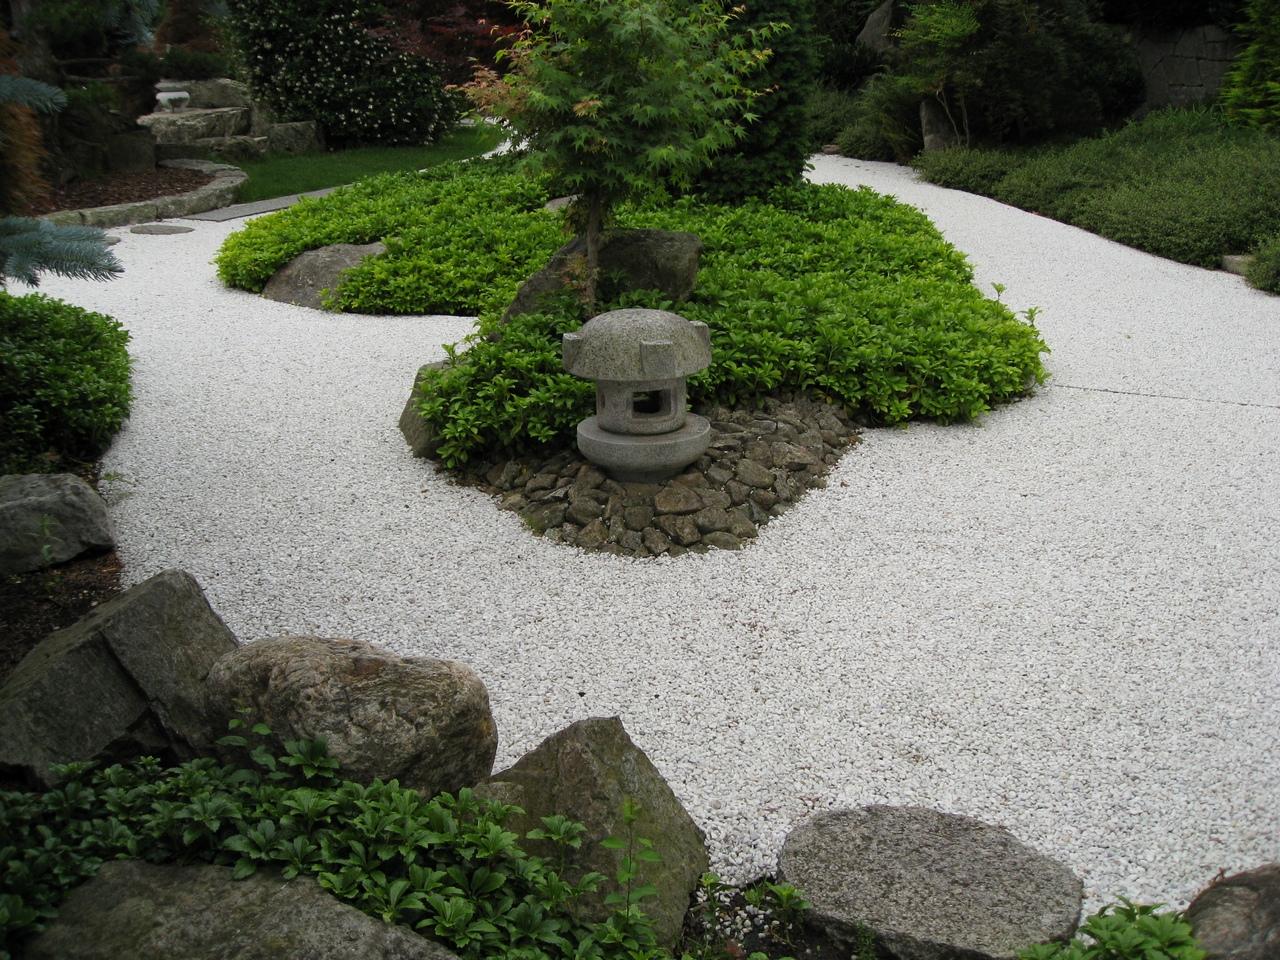 Decoracion actual de moda jard n de piedras espectacular - Disenador de jardines ...